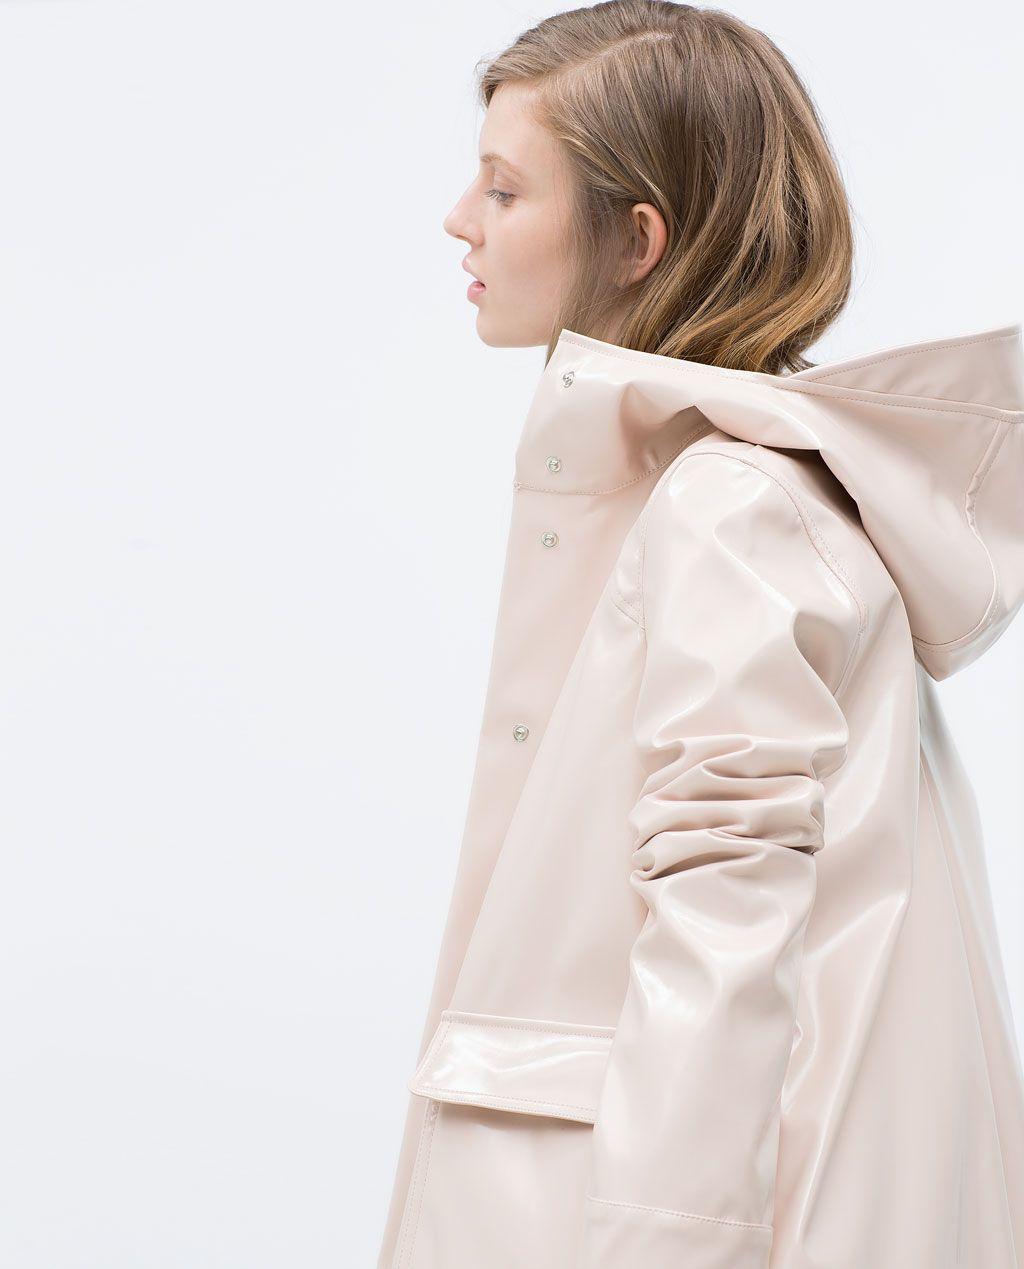 Imagen Chubasquero Bonita Moda Ropita Zara De 5 Abrigo rxZCwqrTF